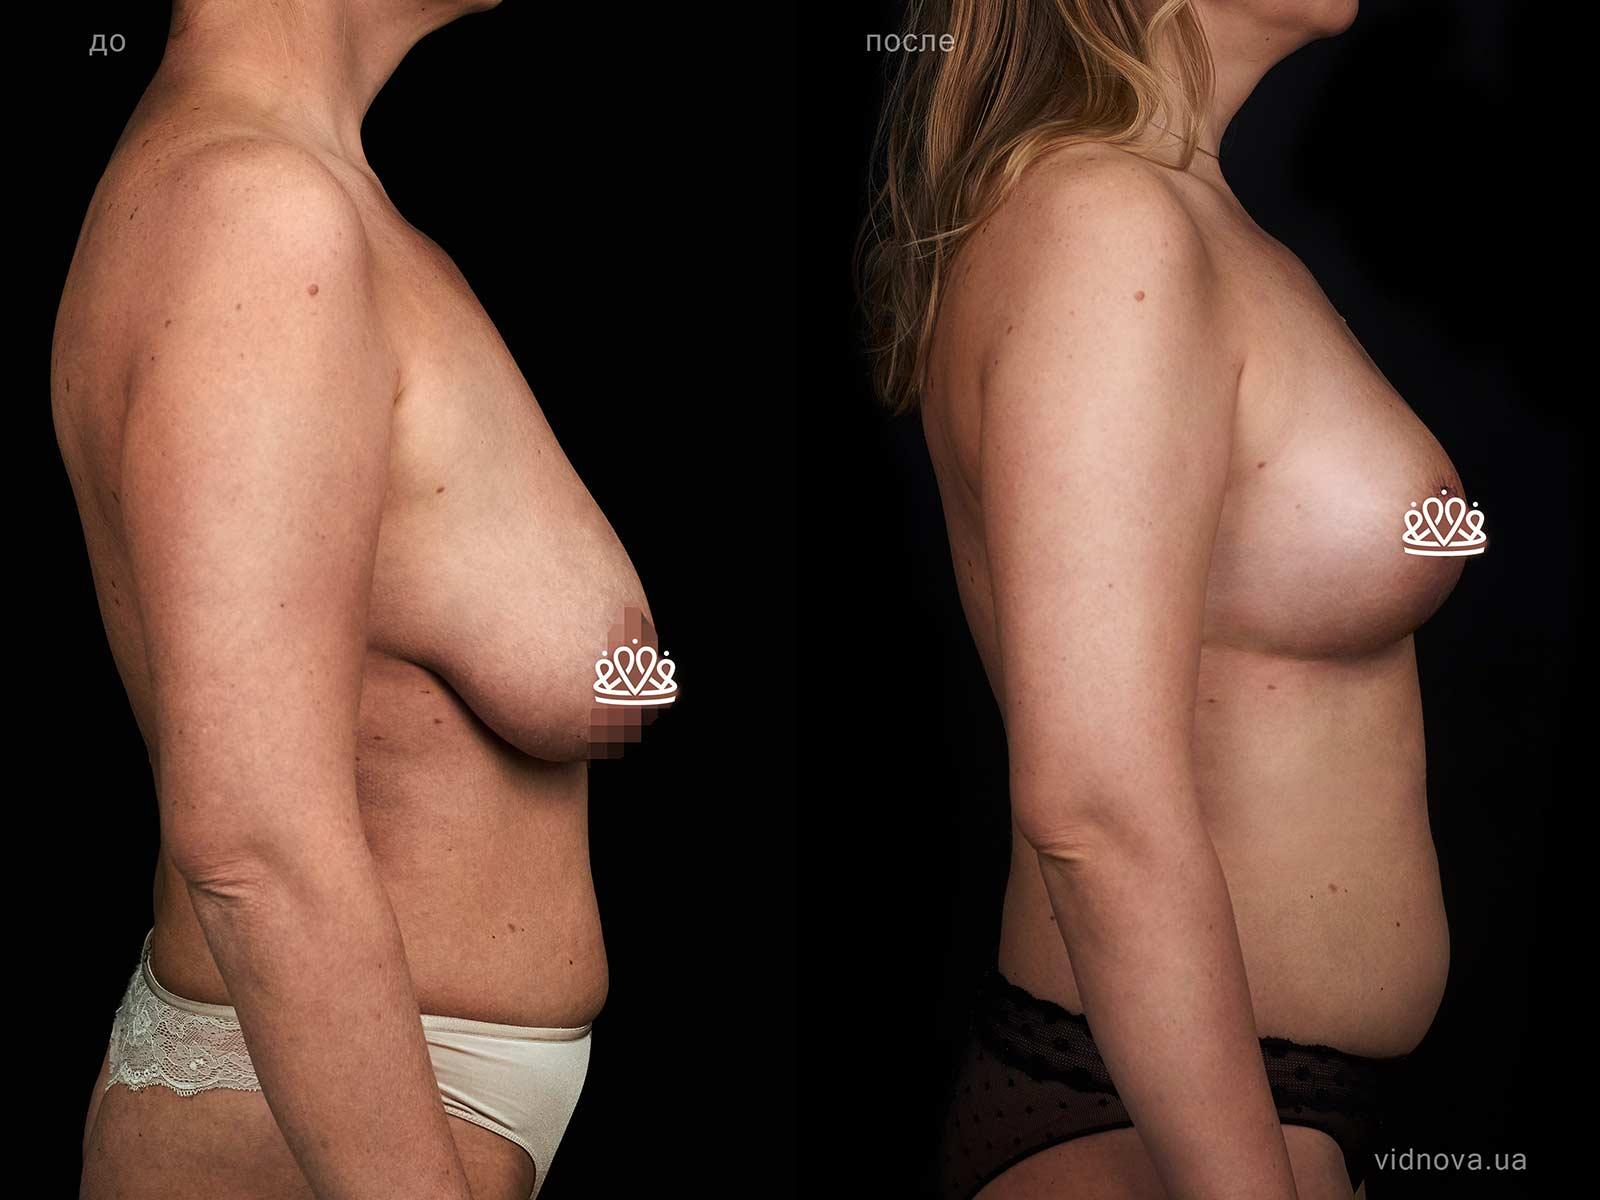 Пластика груди: результаты до и после - Пример №128-2 - Светлана Работенко